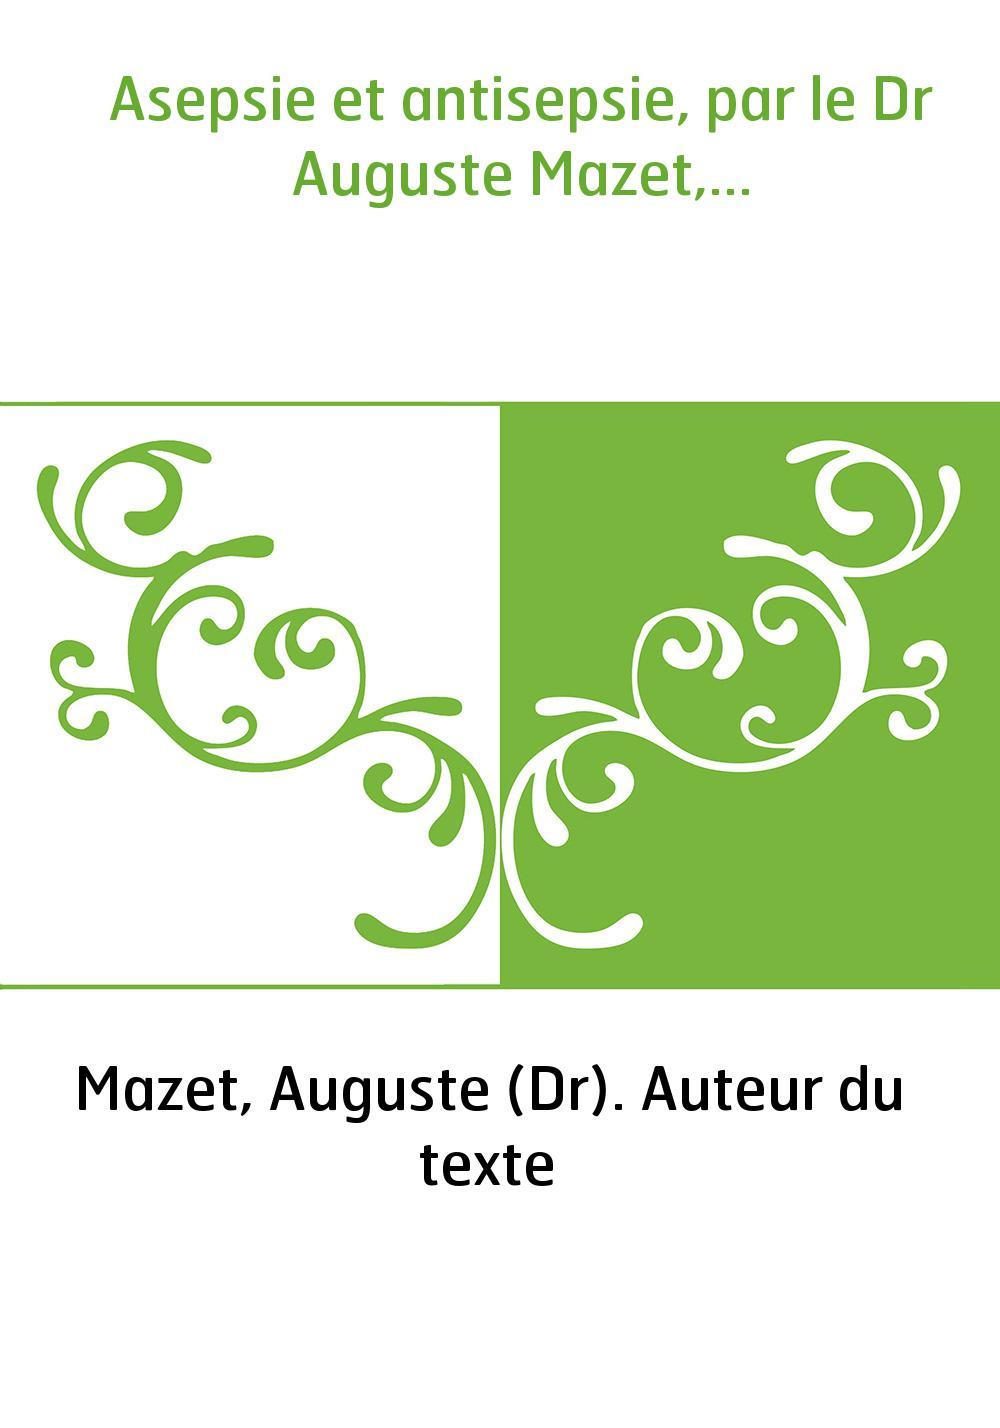 Asepsie et antisepsie, par le Dr Auguste Mazet,...